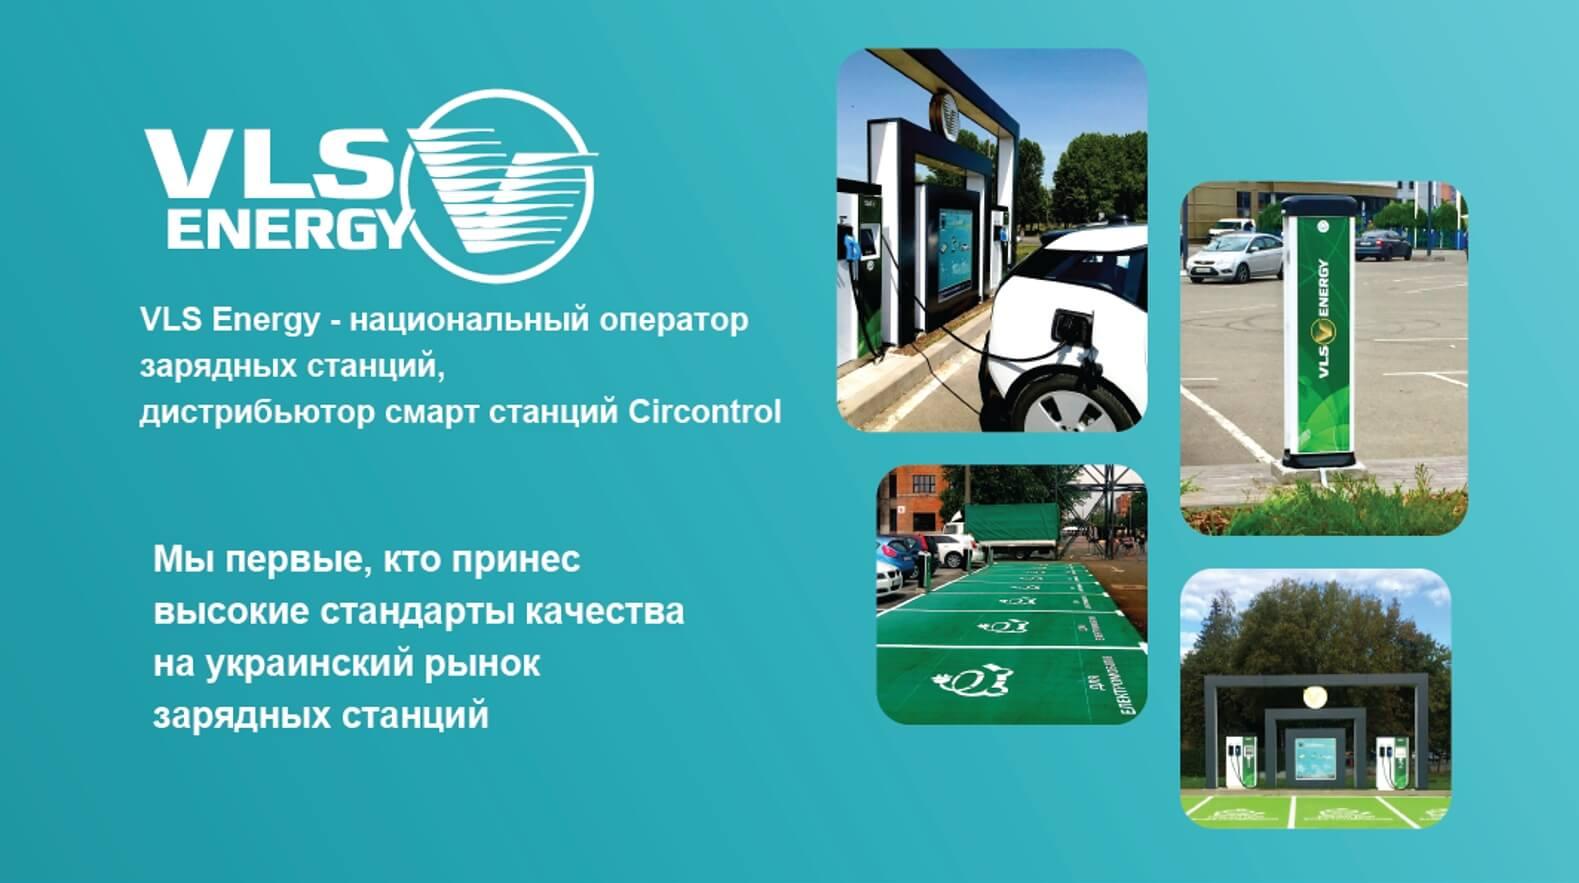 Владимир Смирнов: сеть общественных электрозарядных станций VLS ENERGY, дистрибьютор зарядных комплексов Circontrol